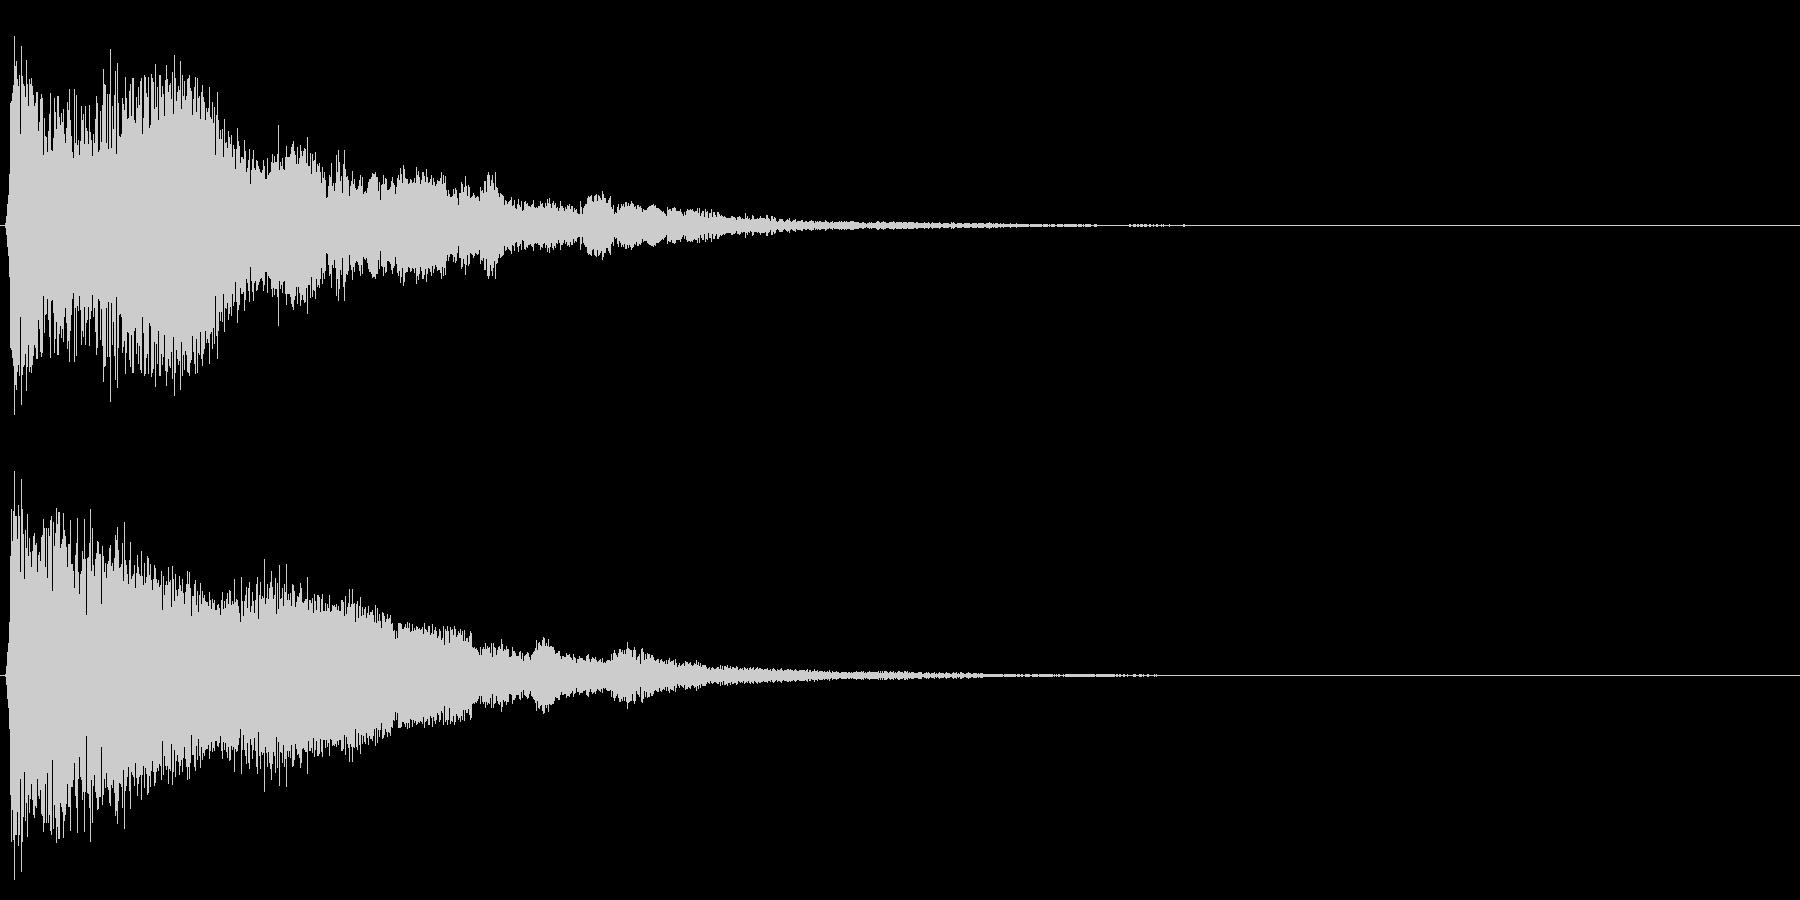 システム音33の未再生の波形